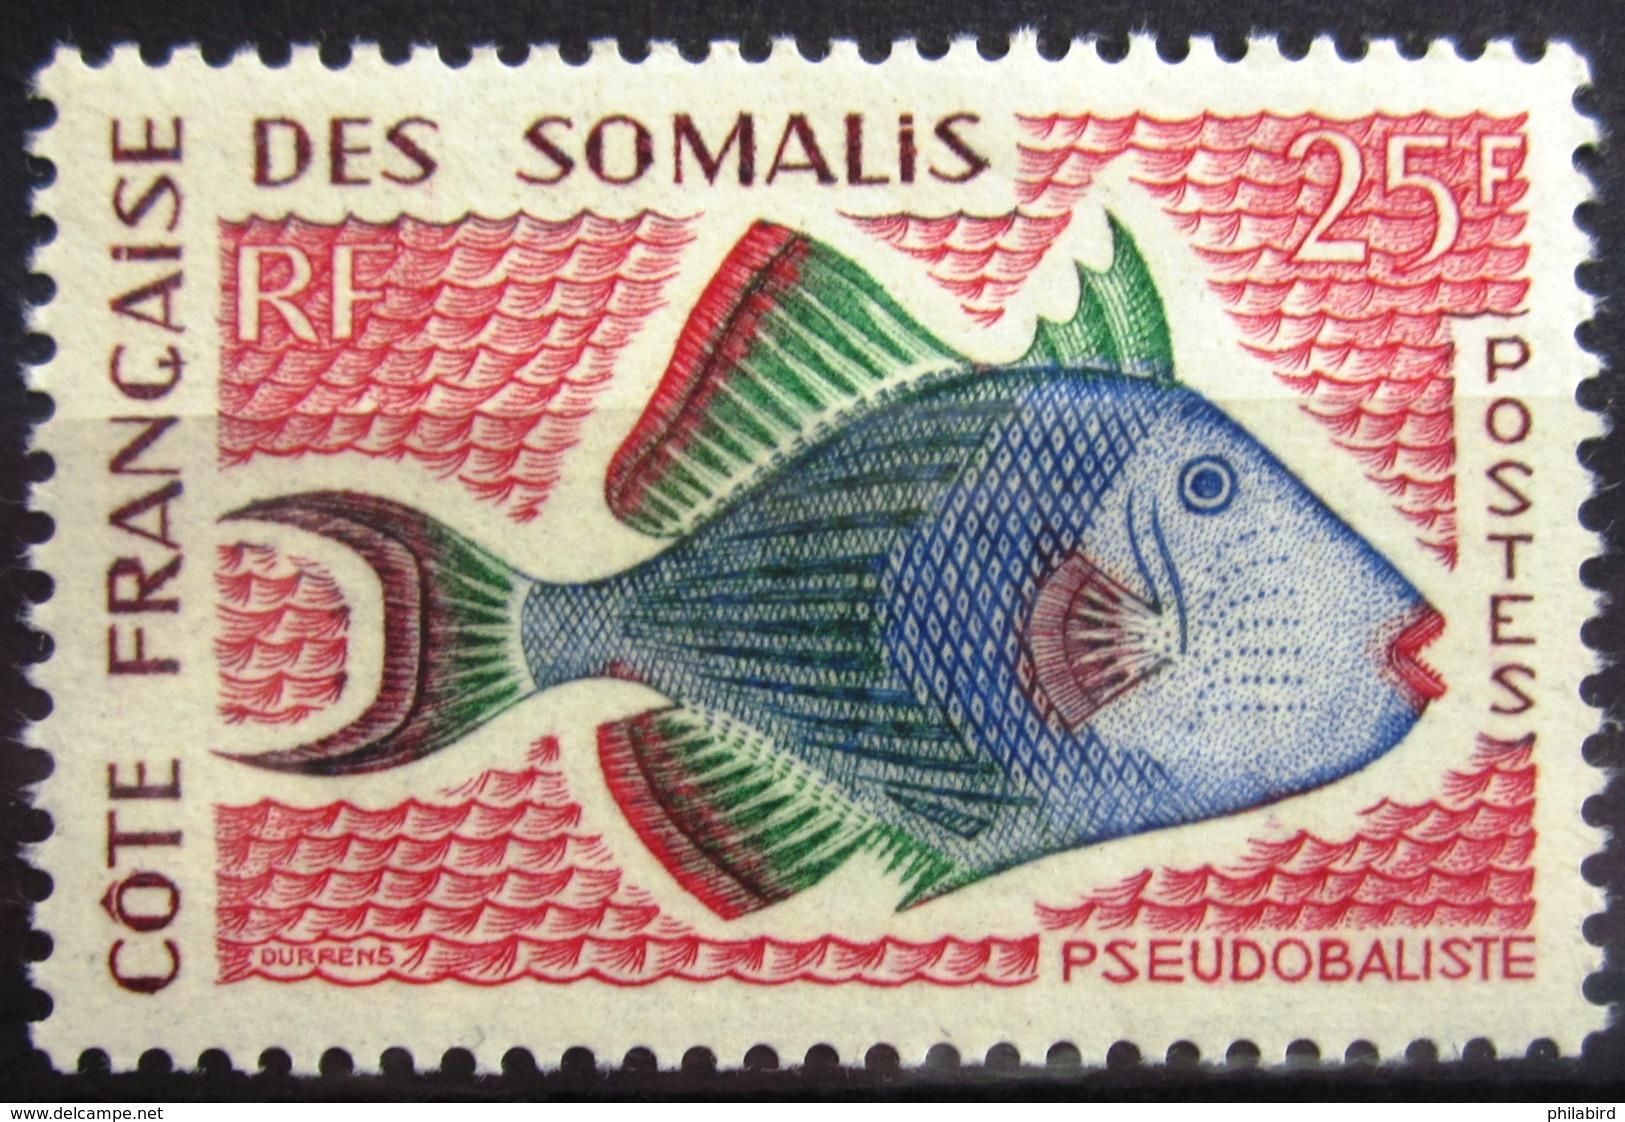 COTES DES SOMALIS                   N° 300                    NEUF** - Neufs